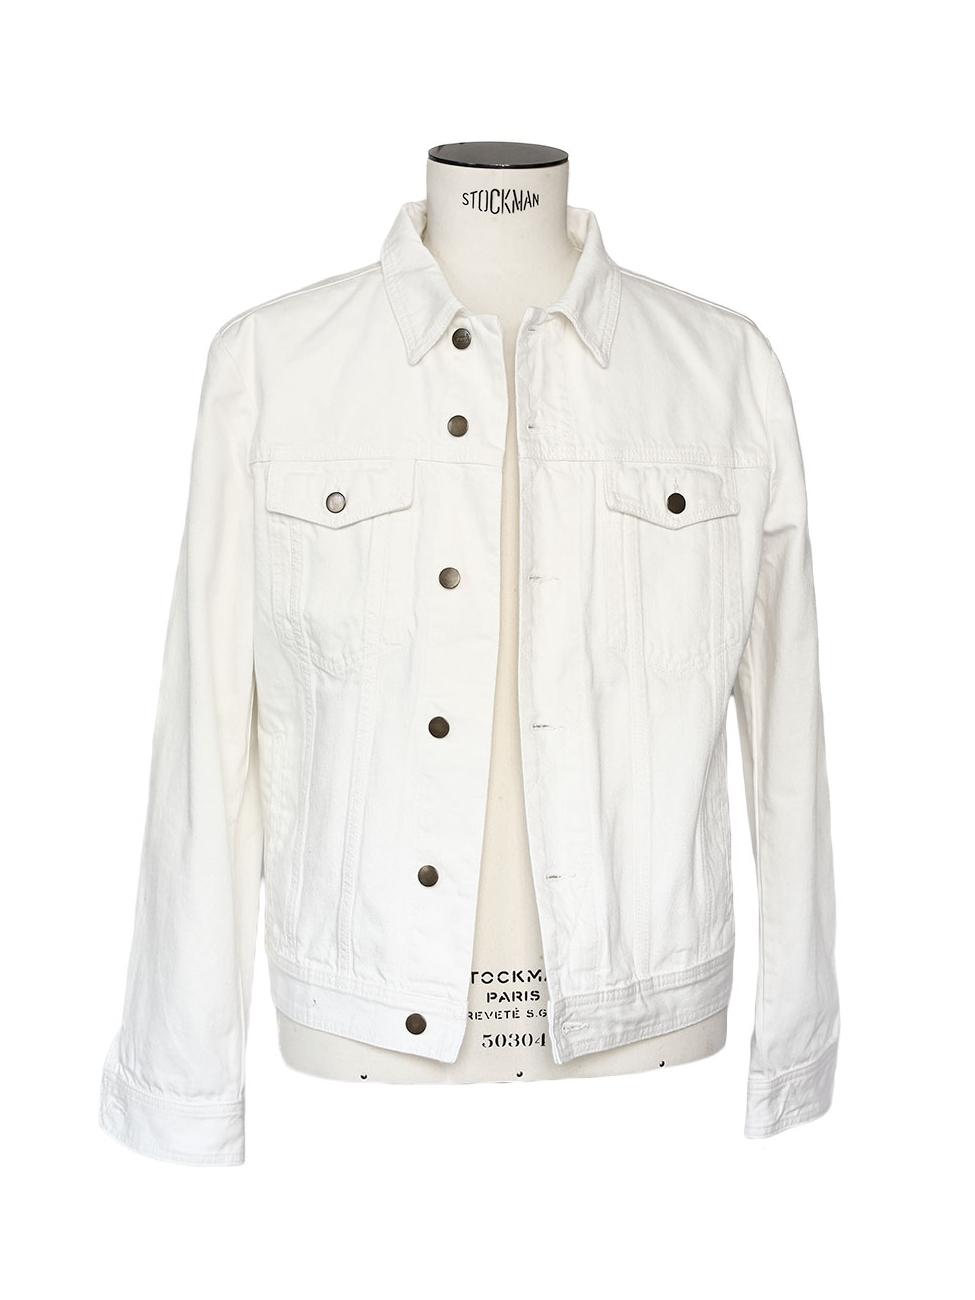 veste jean blanche homme veste jean blanche homme influenceur veste jean blanche homme influenceur. Black Bedroom Furniture Sets. Home Design Ideas